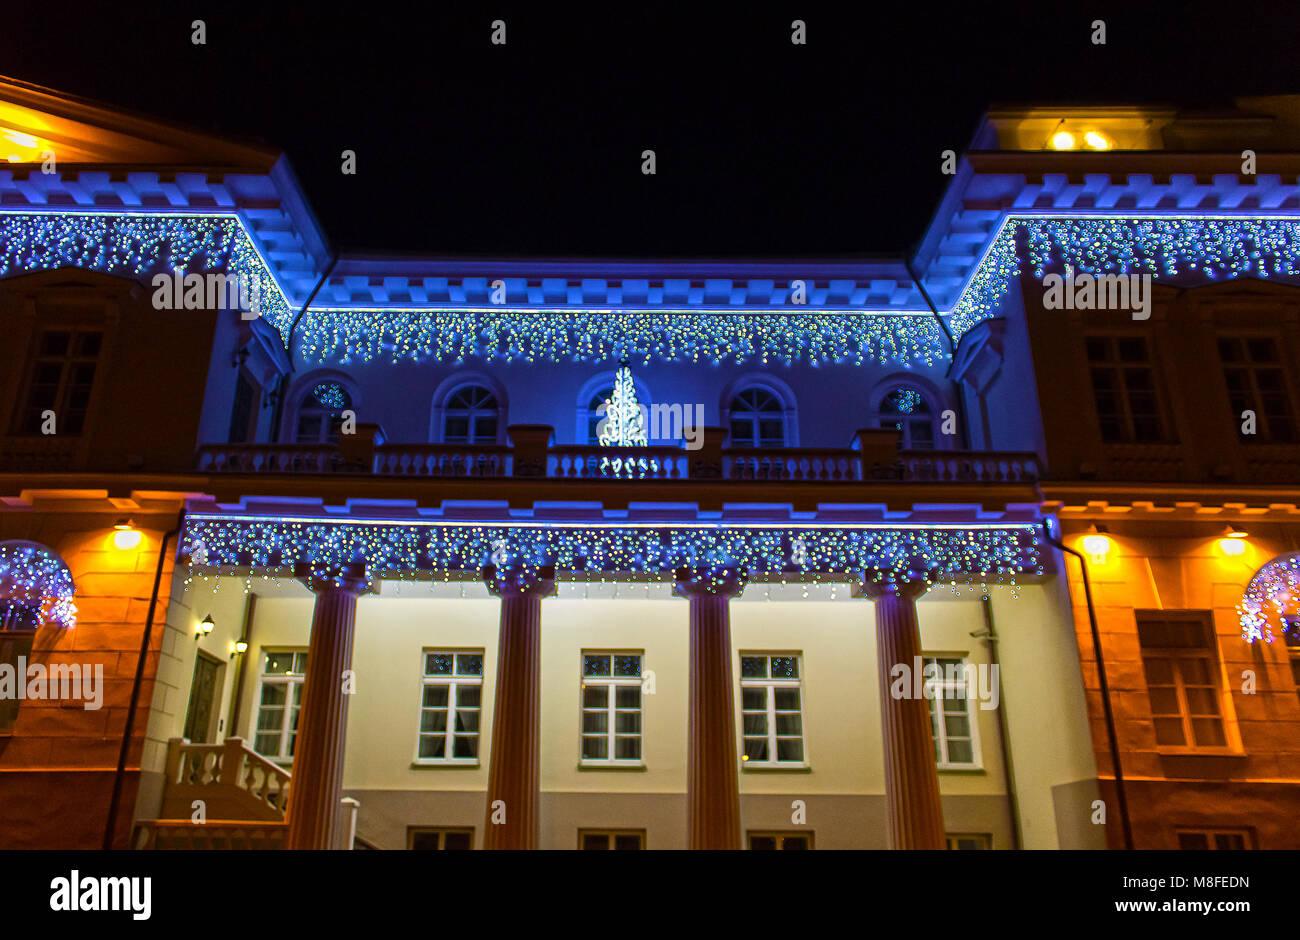 Nacht Blick auf den Präsidentenpalast in Vilnius mit Weihnachtsbeleuchtung, Litauen Stockbild